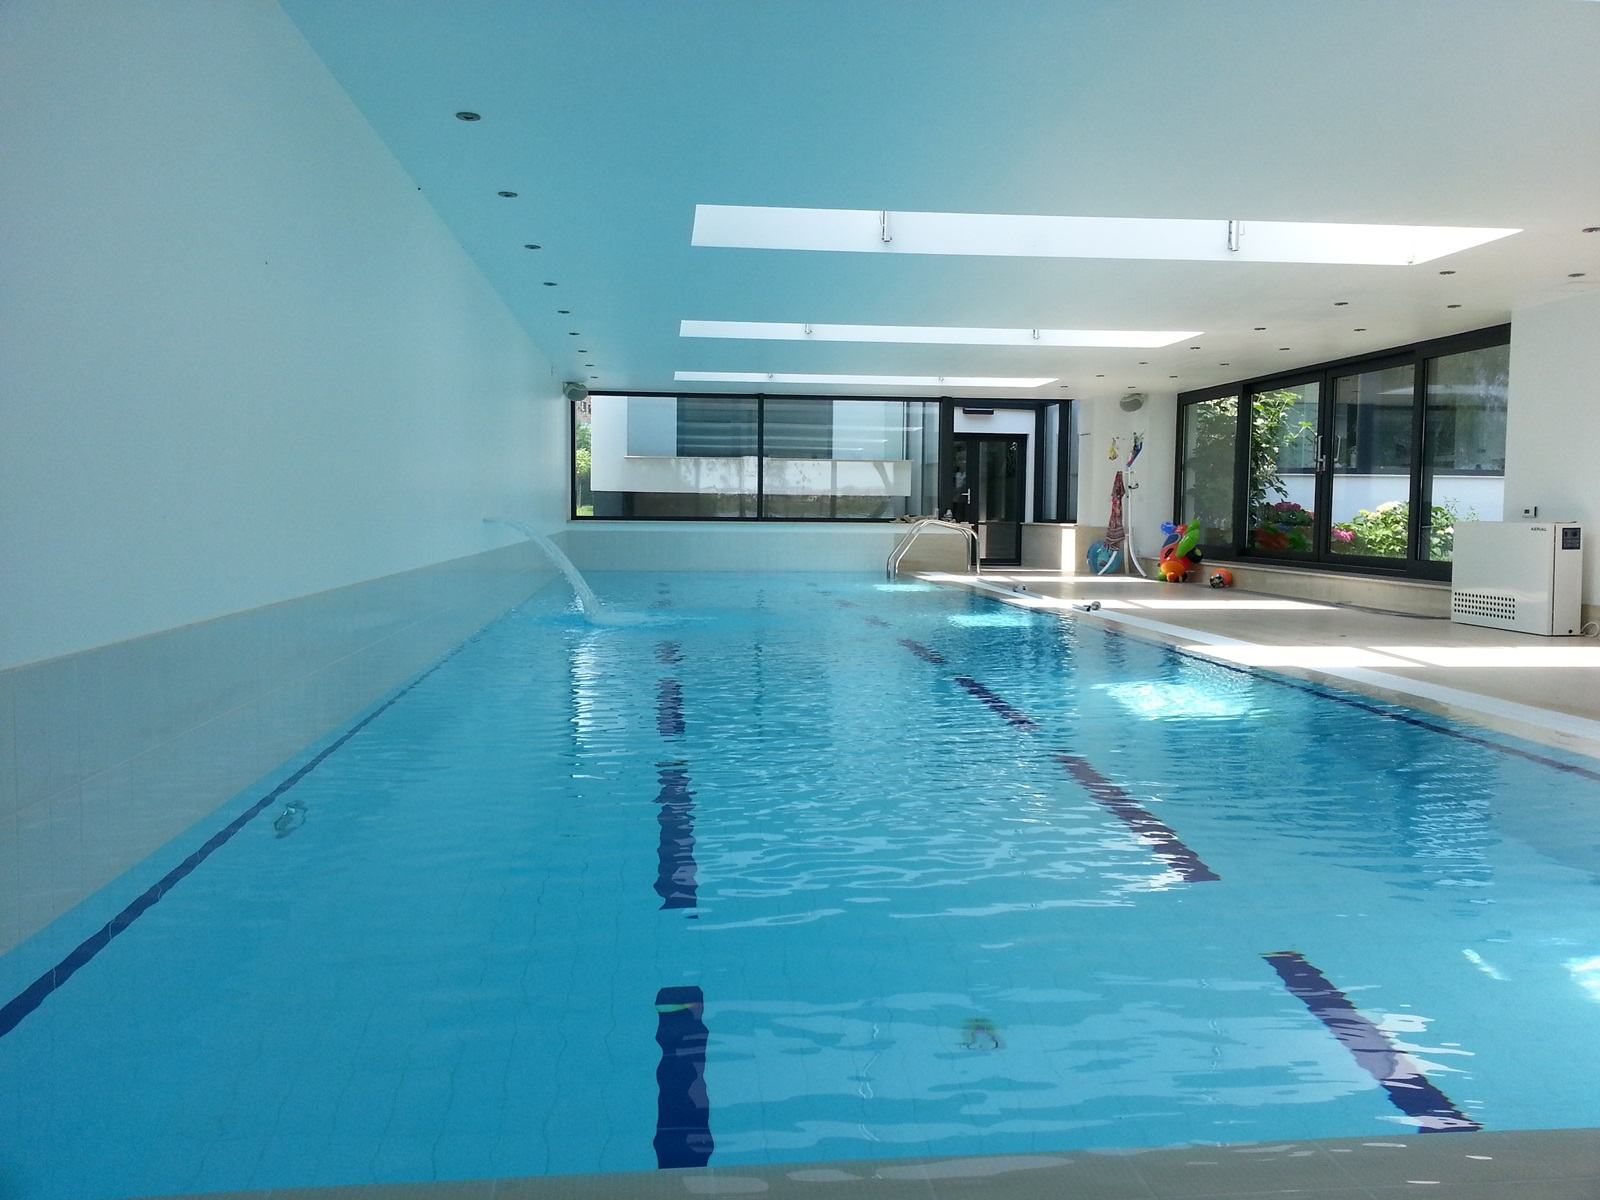 Piscina din beton cu luciu de apa piscine premium aqua for Aqua 2000 piscine